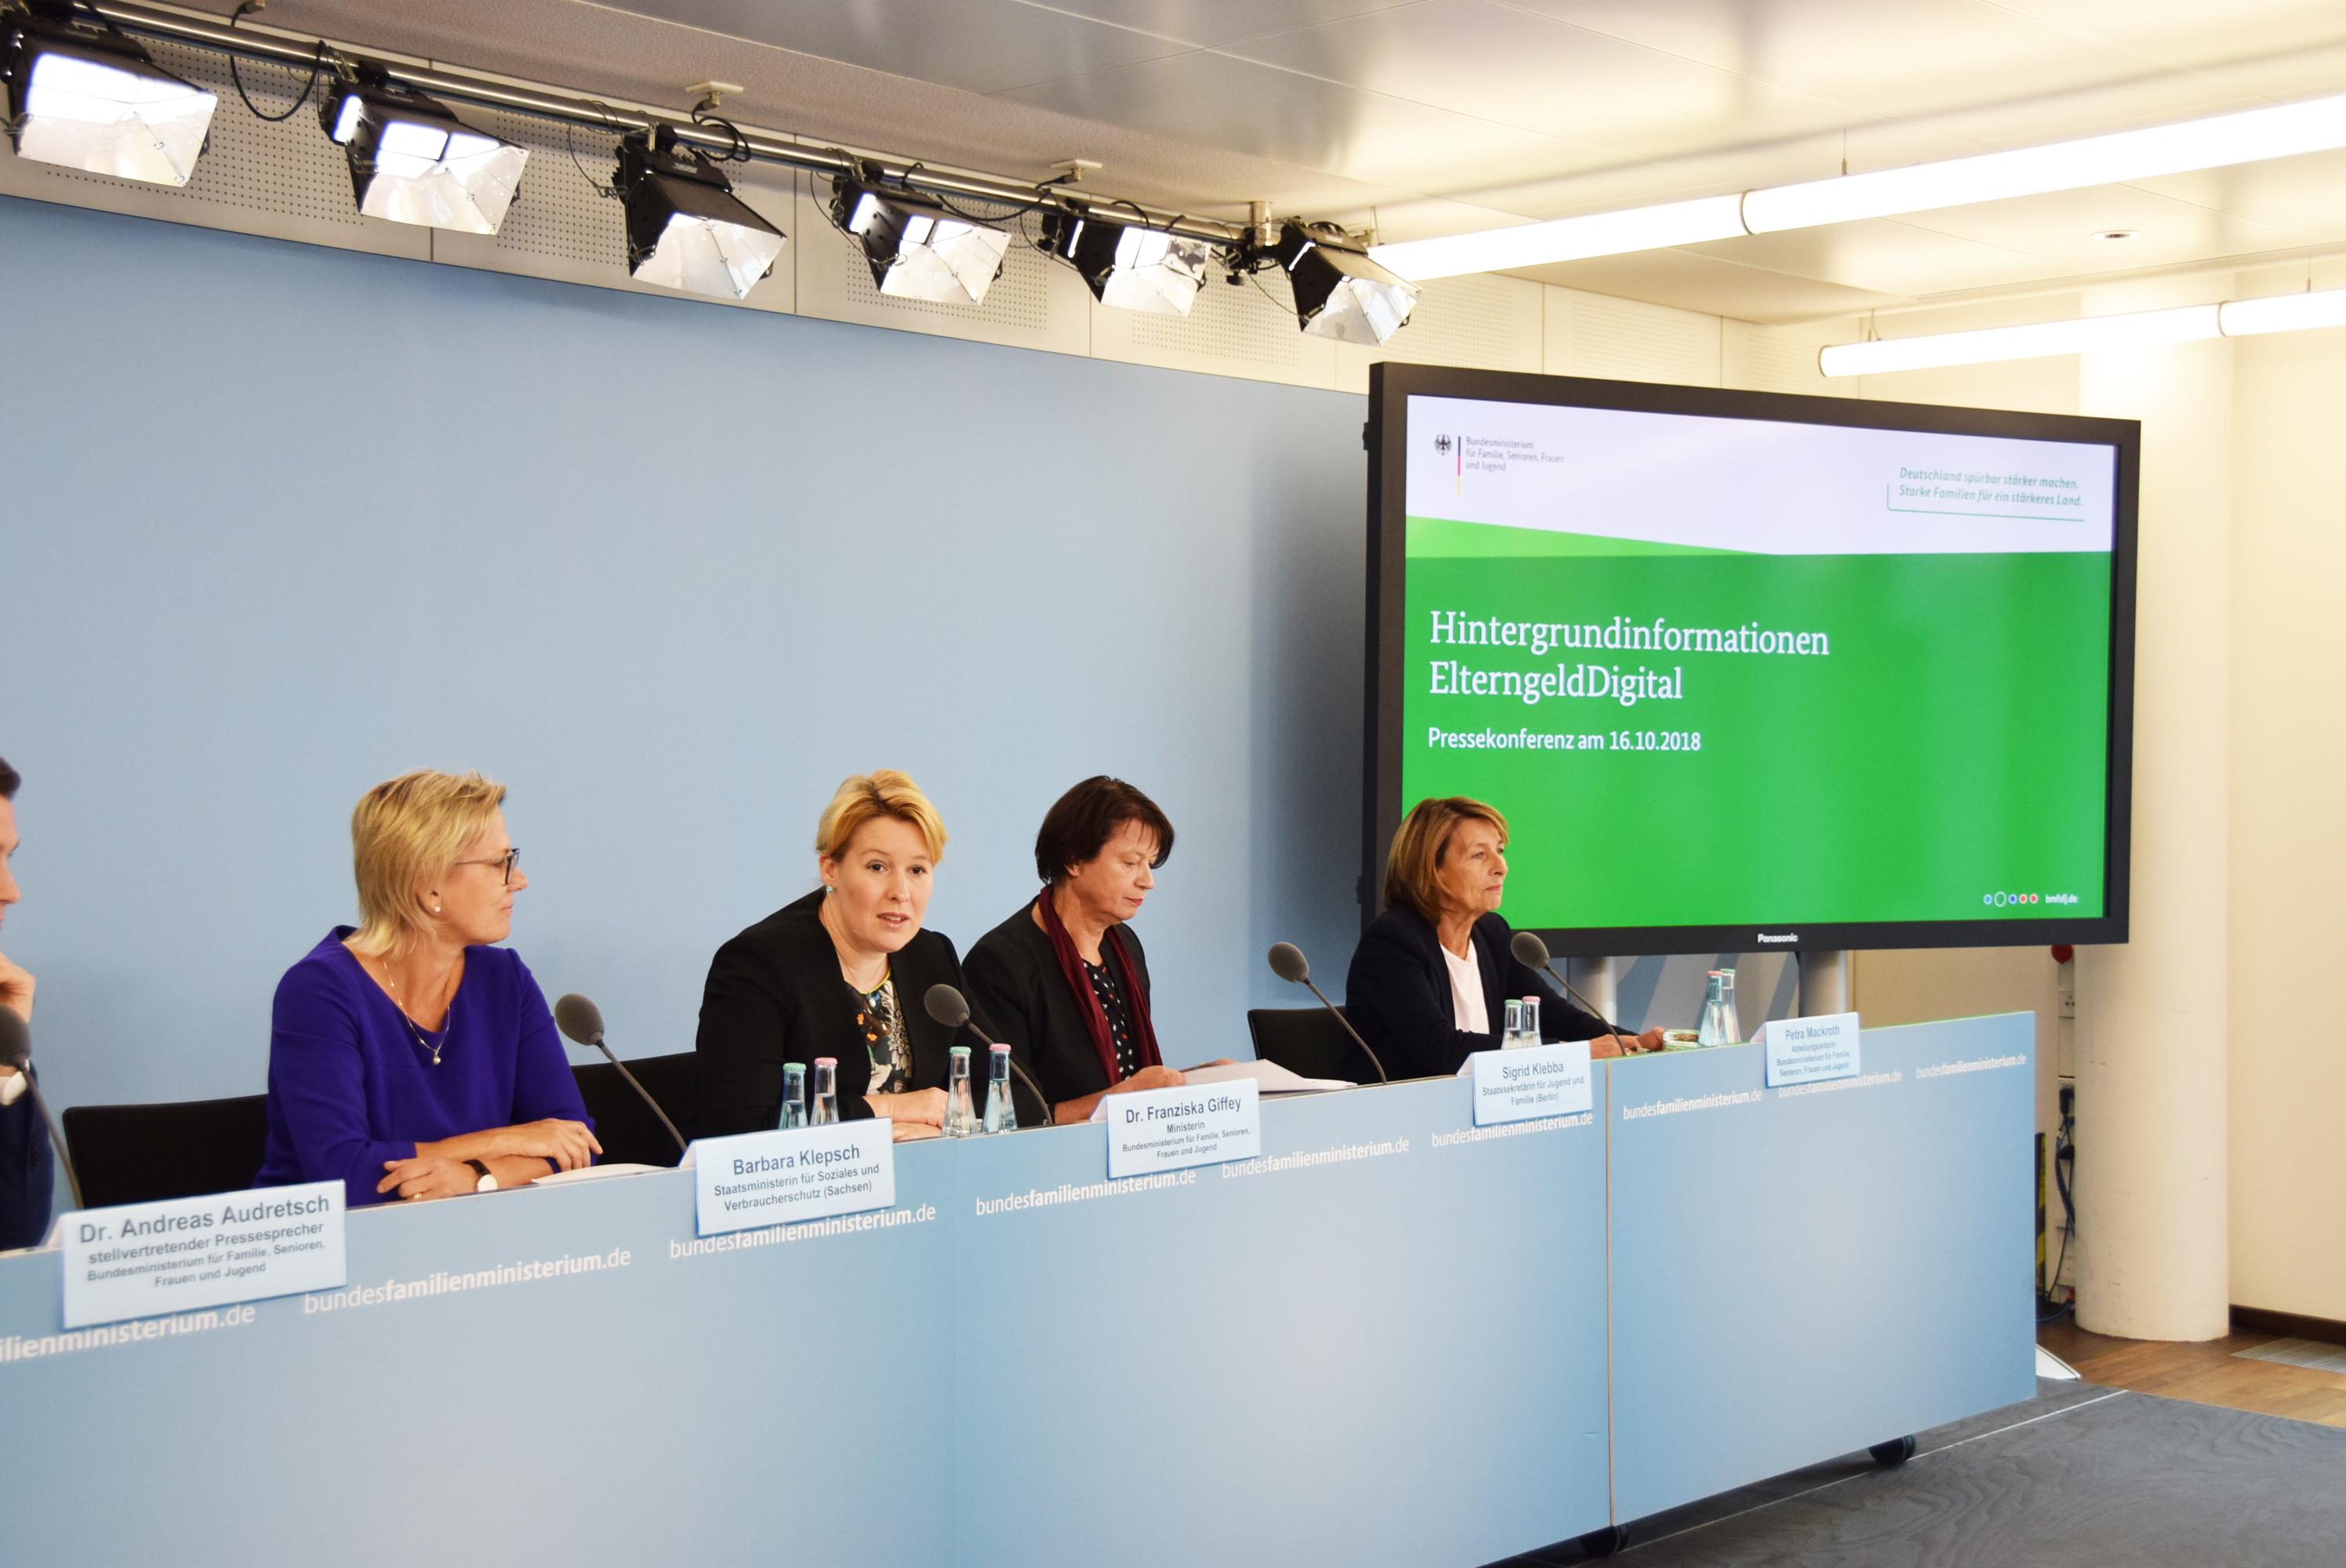 Das Bild zeigt Dr. Franziska Giffey mit drei Frauen auf einem Podium.